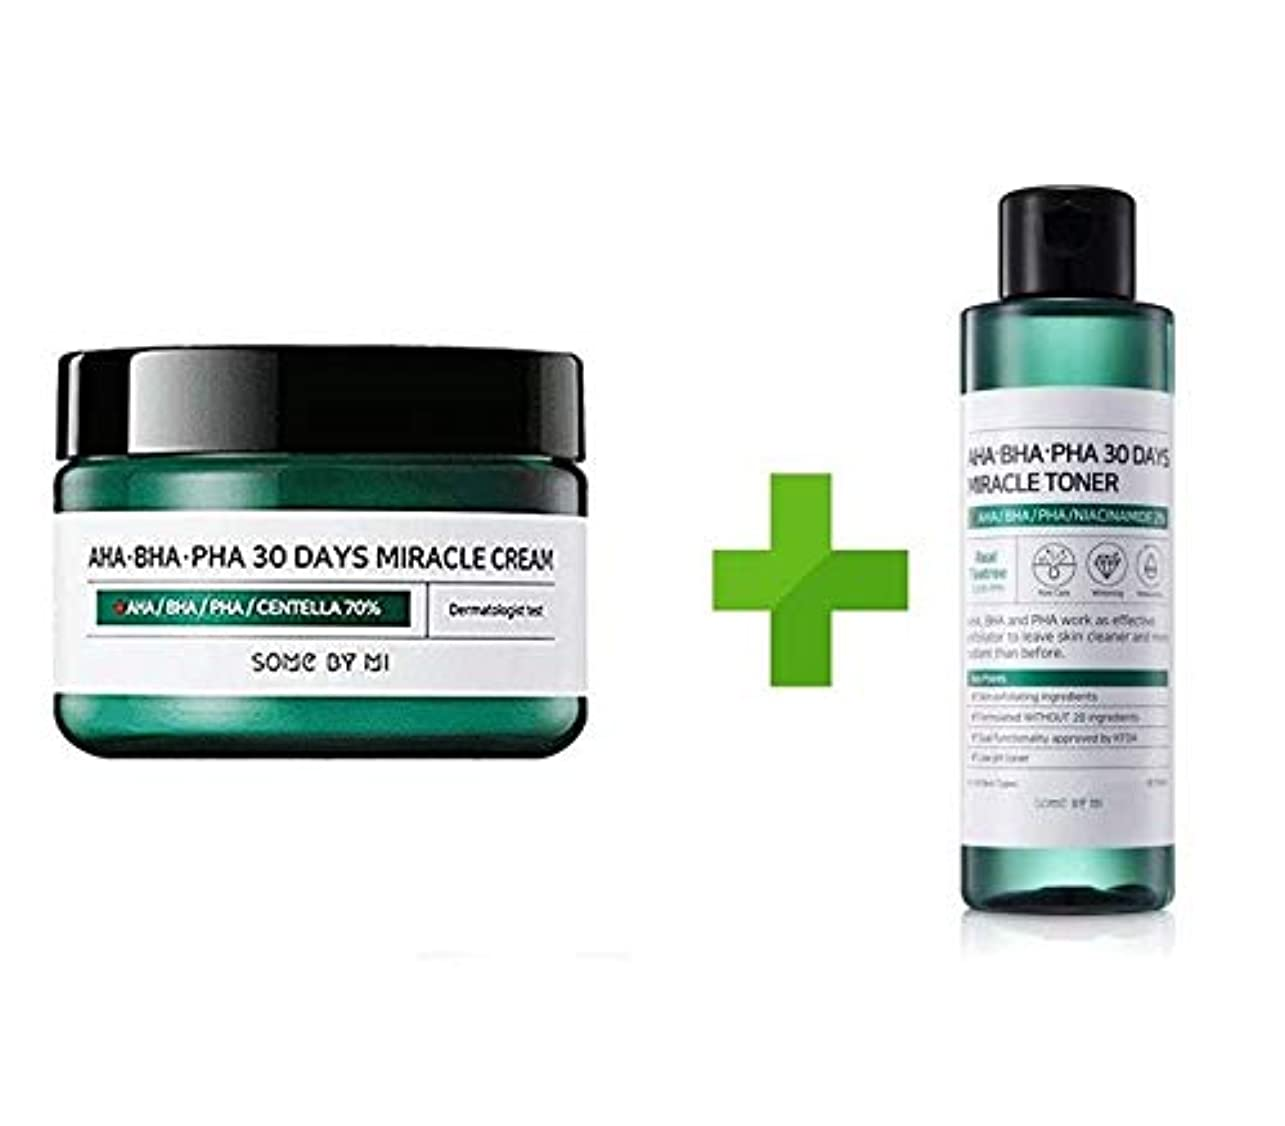 ヘルメット封筒意志Somebymi AHA BHA PHA Miracle Cream (50ml + Toner 150ml)Skin Barrier & Recovery, Soothing with Tea Tree 10,000ppm...